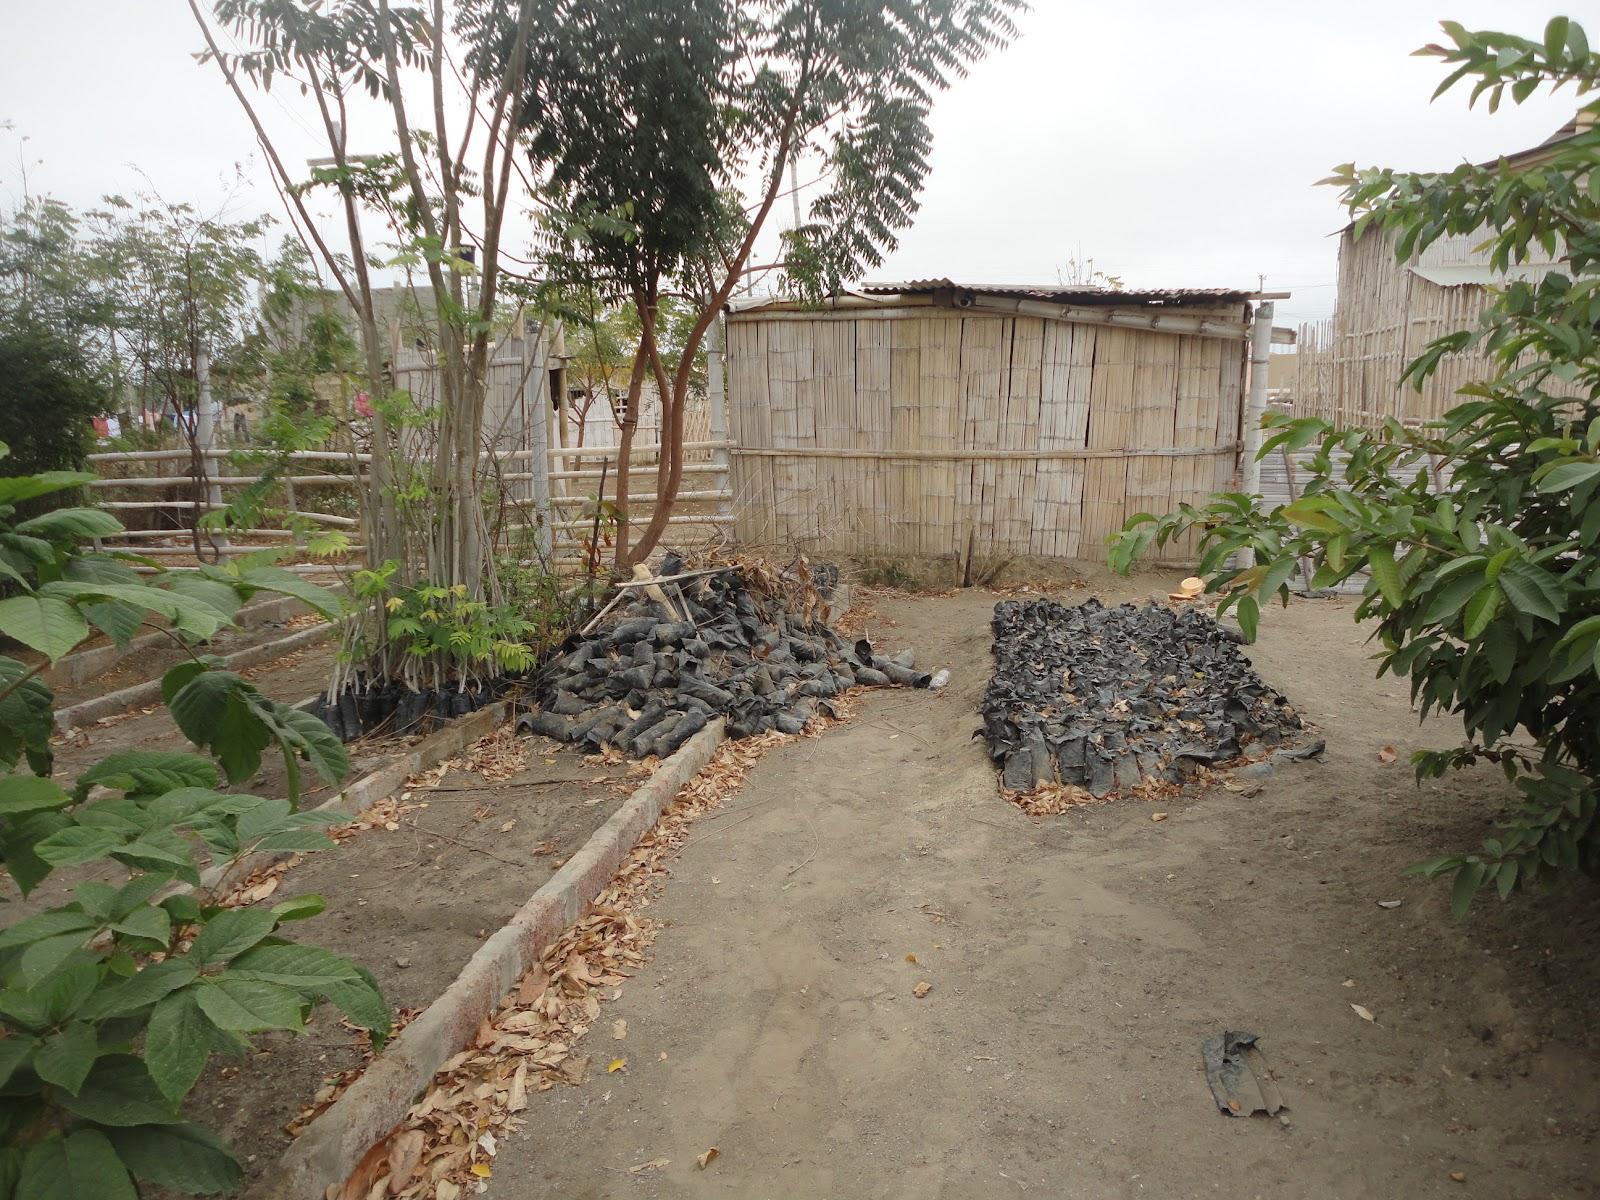 Vivero de plantas muertas comit barrial jard n bot nico for Vivero el botanico